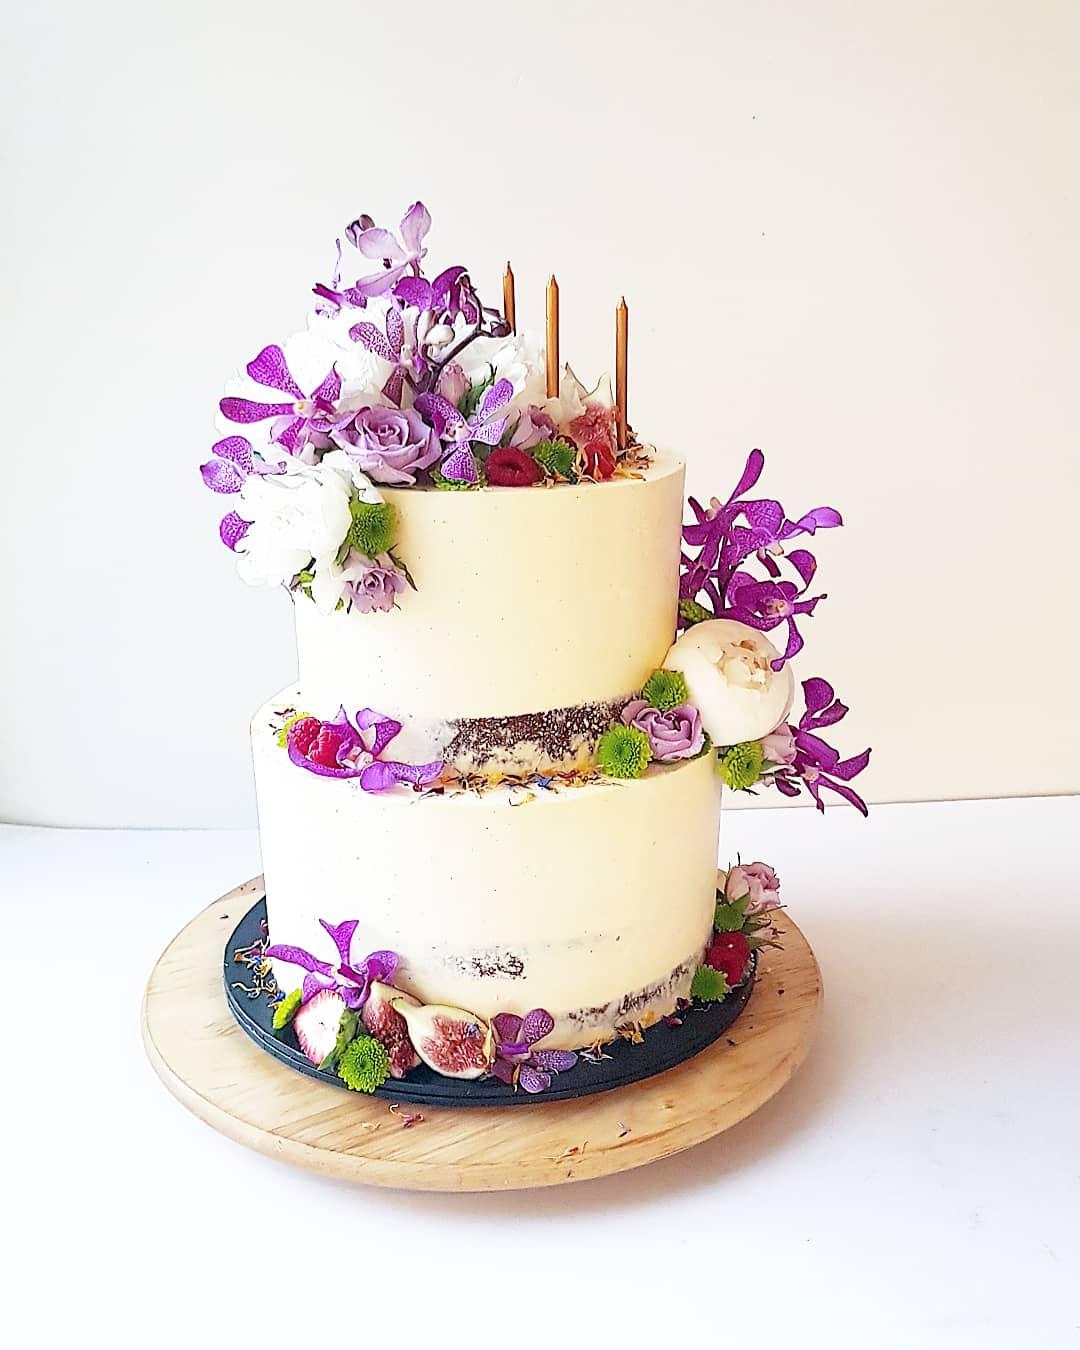 NAKED / SEMI NAKED CAKES